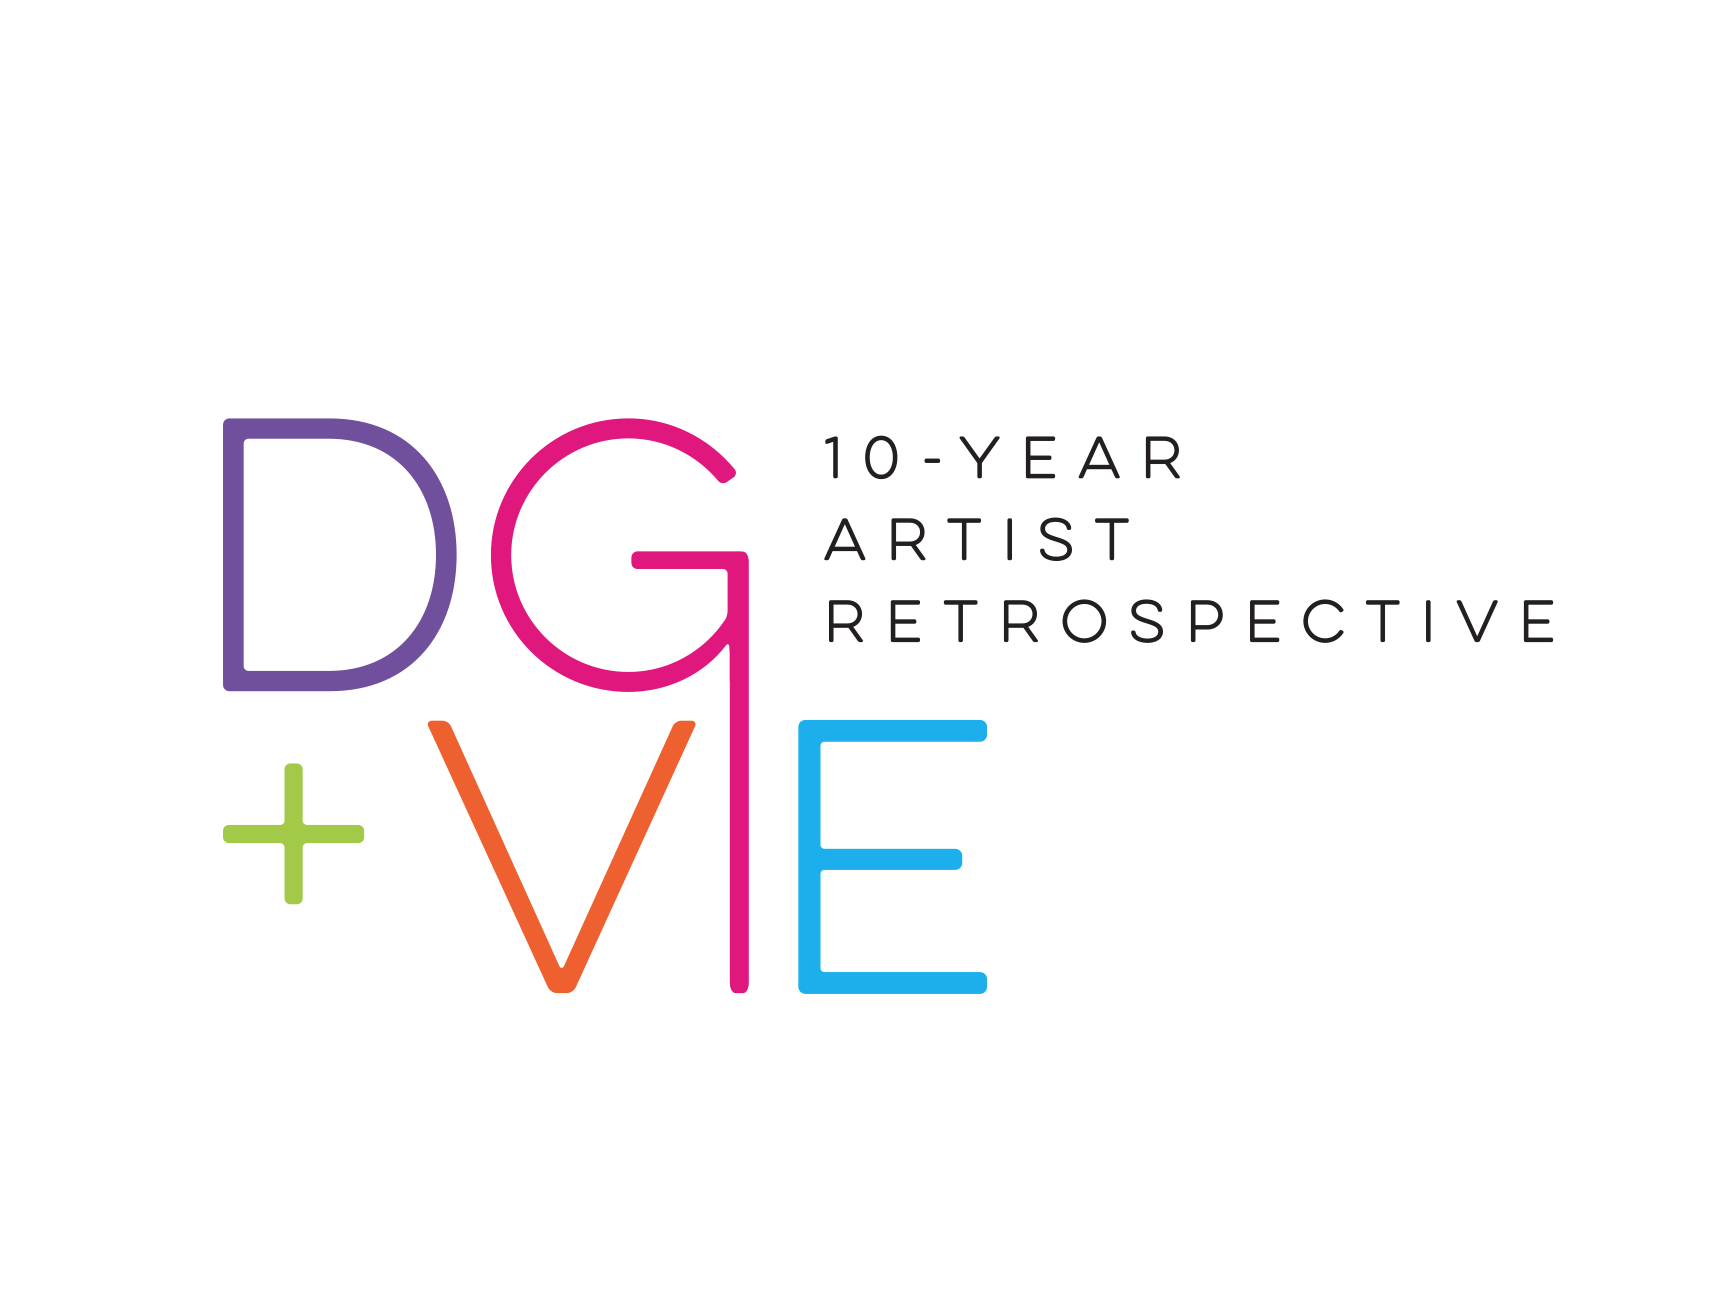 DG + VIE Digital Graffiti Festival and VIE Magazine's Artist Retrospective Logo